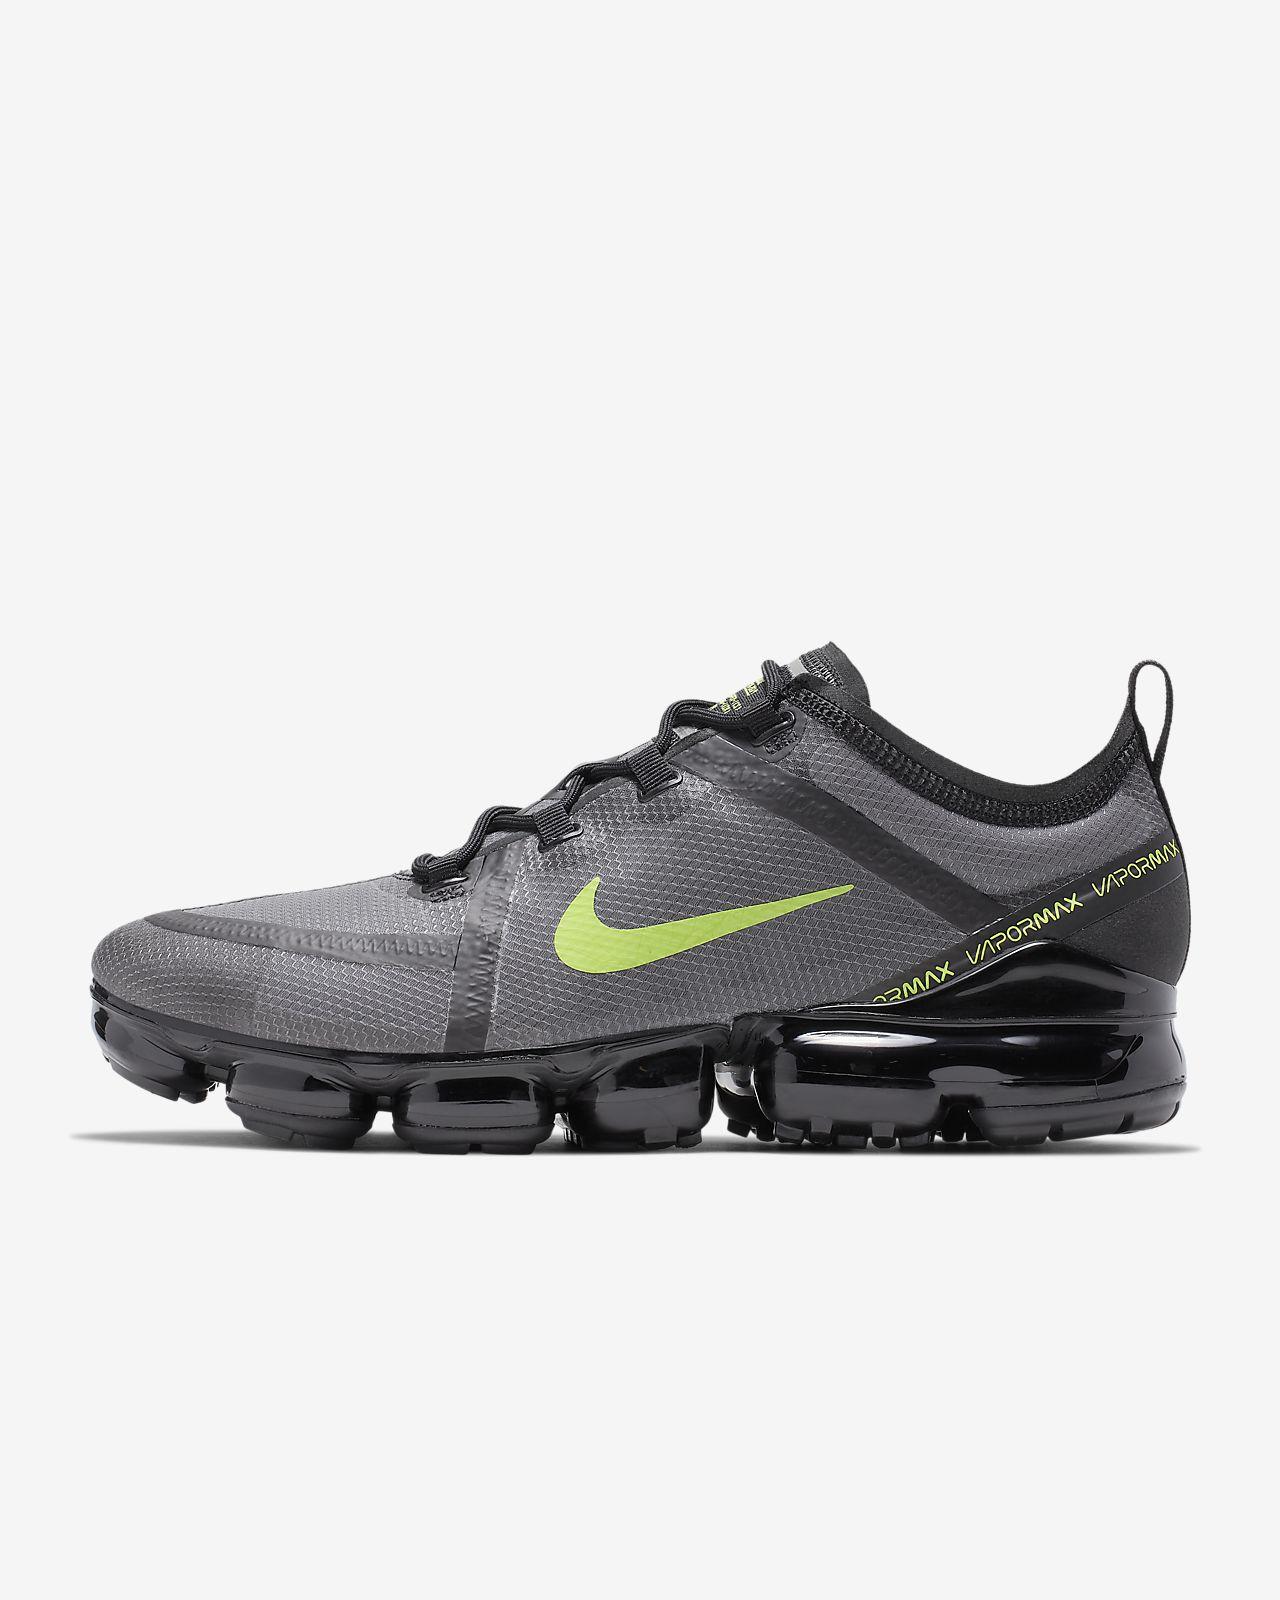 online retailer 201f0 7d7d0 ... Chaussure Nike Air VaporMax 2019 pour Homme